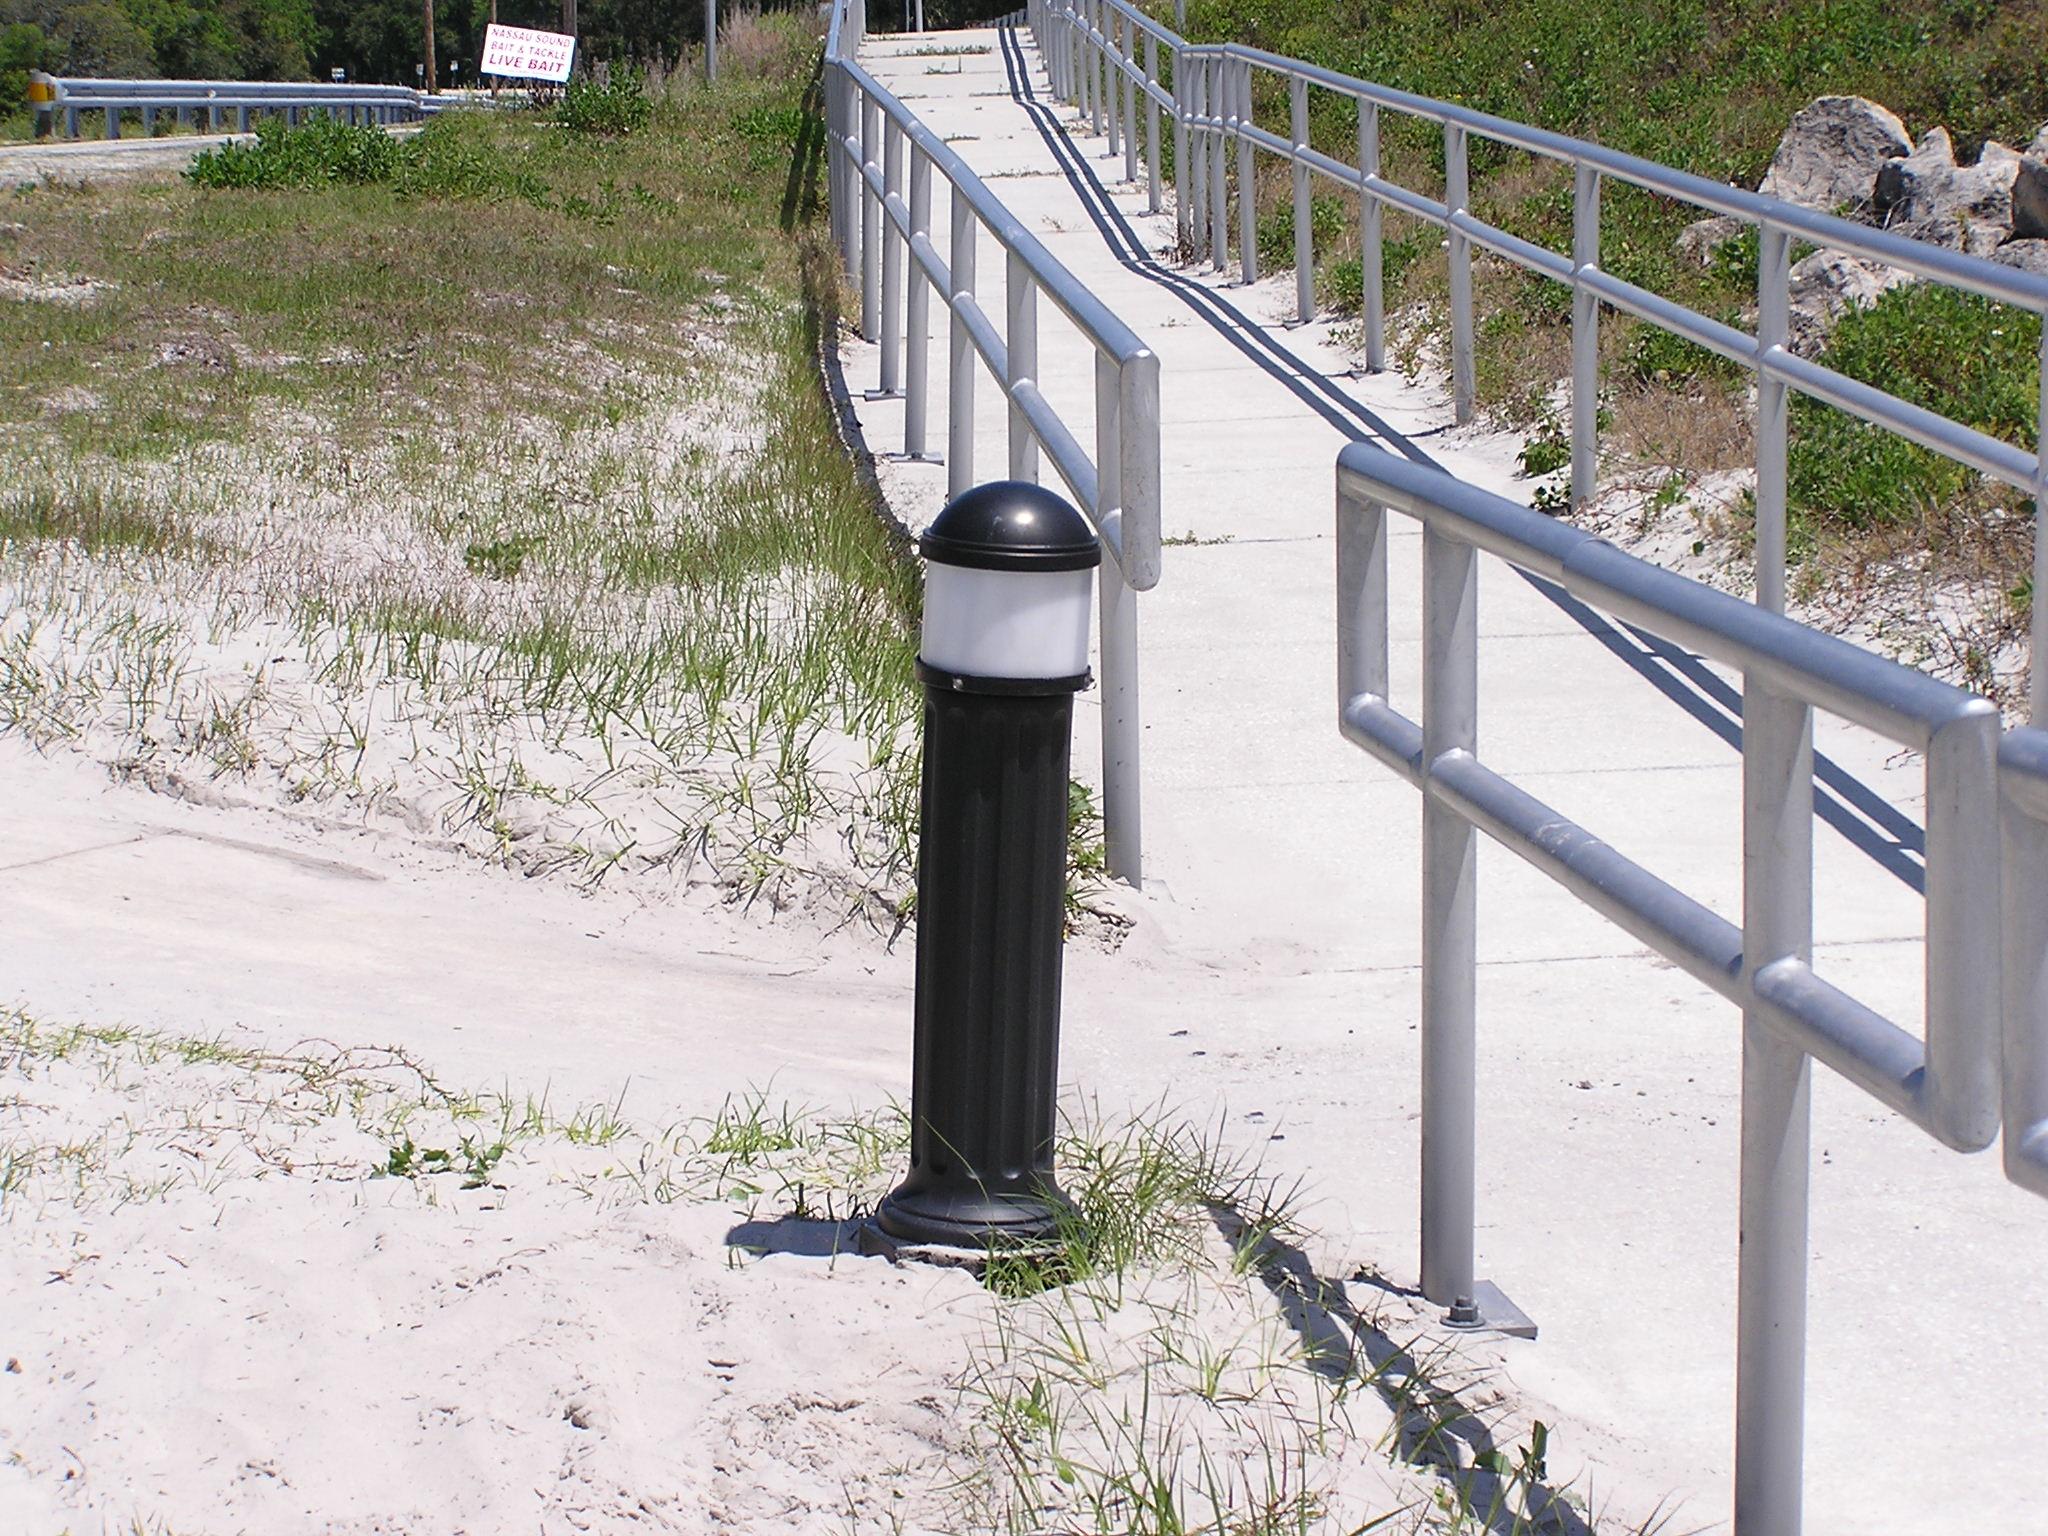 Sepco solar lighting blog landscape lighting solar bollard lights forgotten commercial solar lights aloadofball Gallery